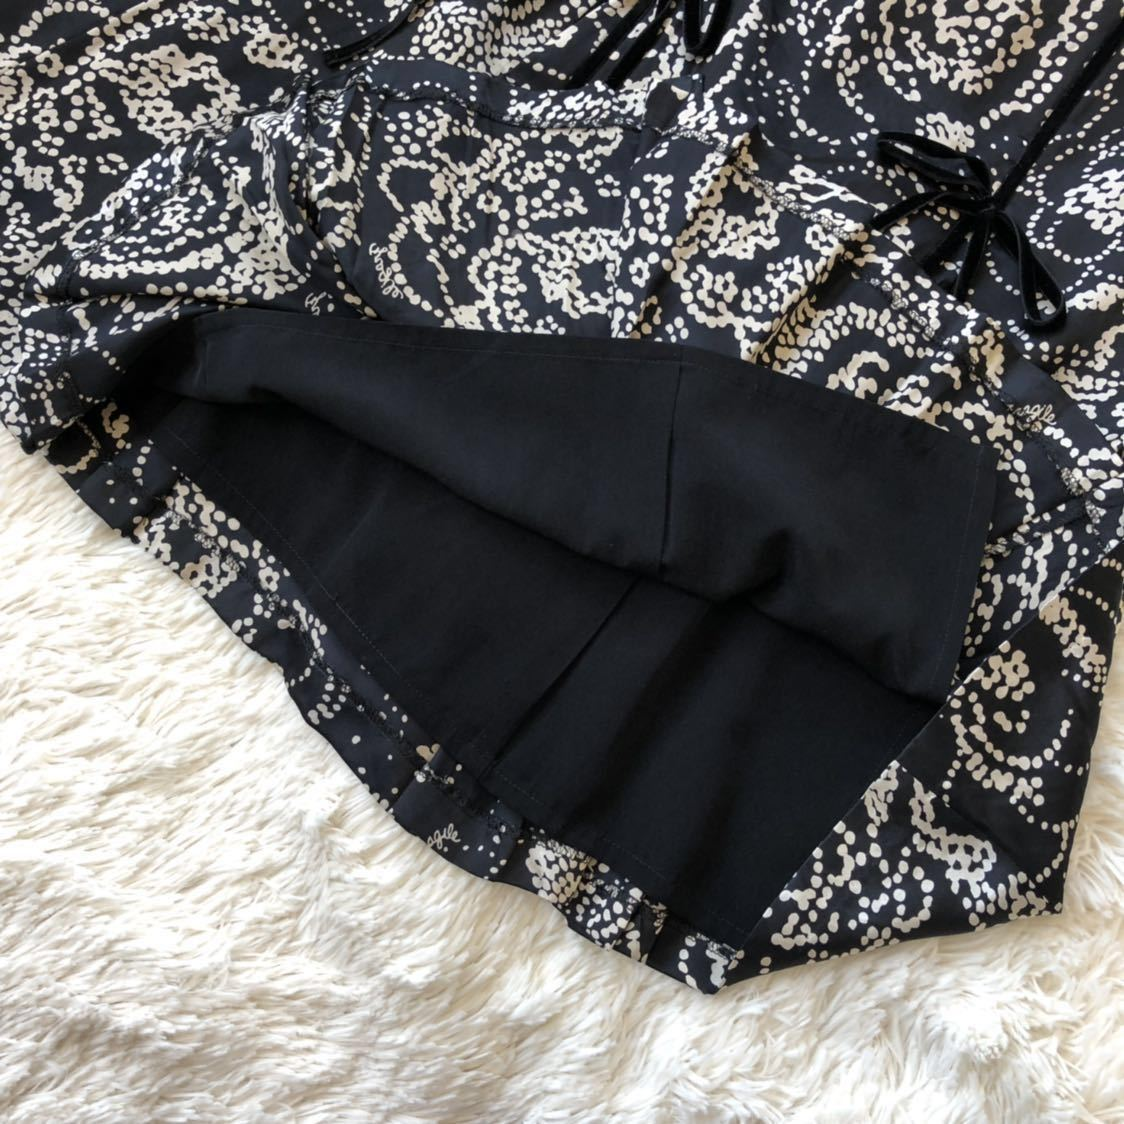 *FRAGILE* 大人のワードローブにシルク素材で*スカートはスカートらしく基本に忠実*size 36*フラジール_画像5